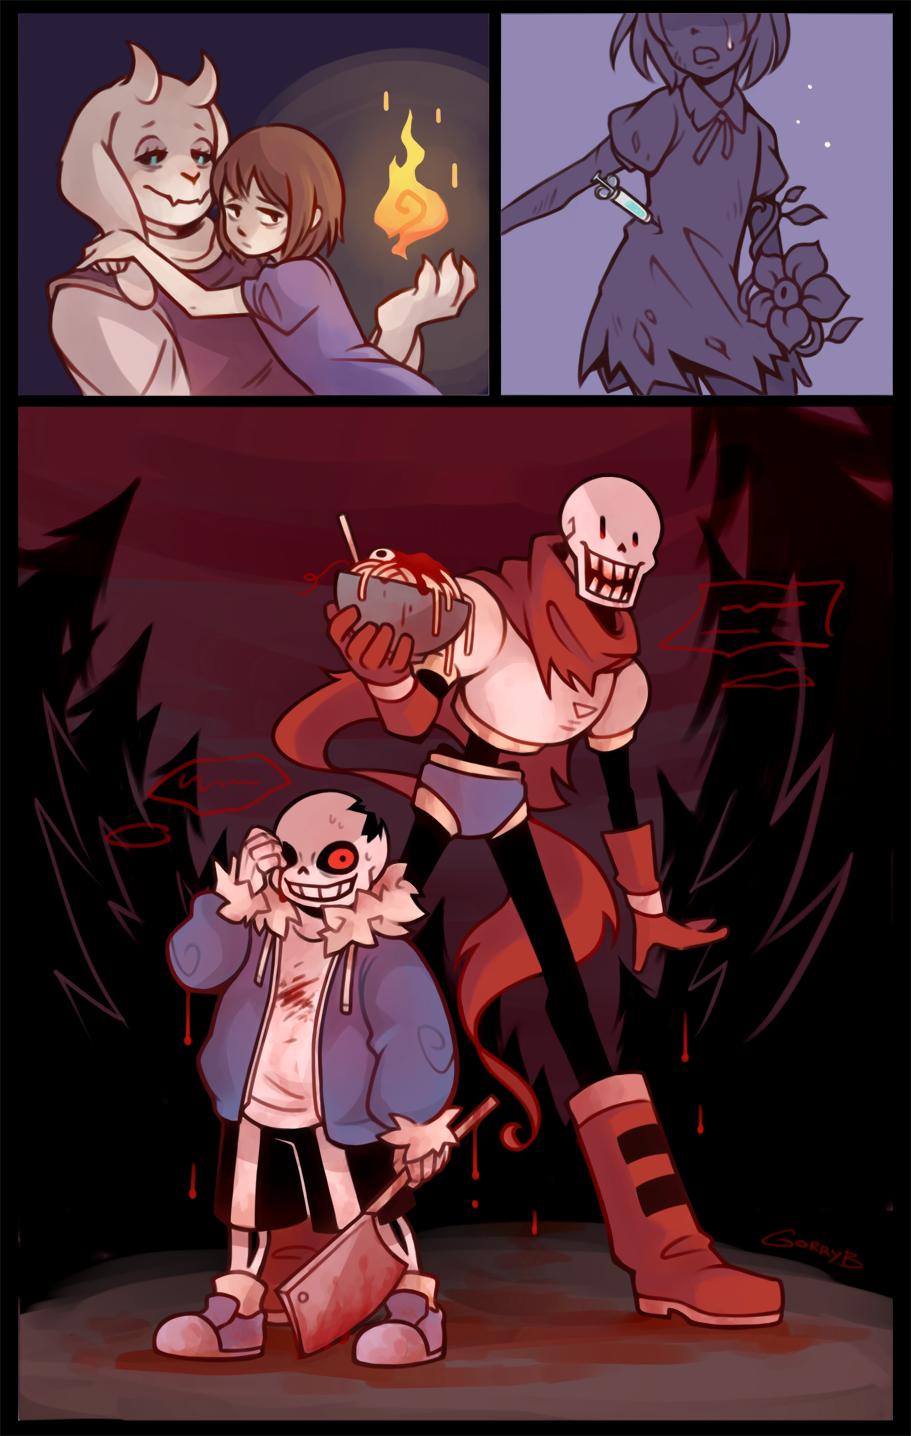 Horrortale Tumblr Horrortale Undertale Drawings Undertale